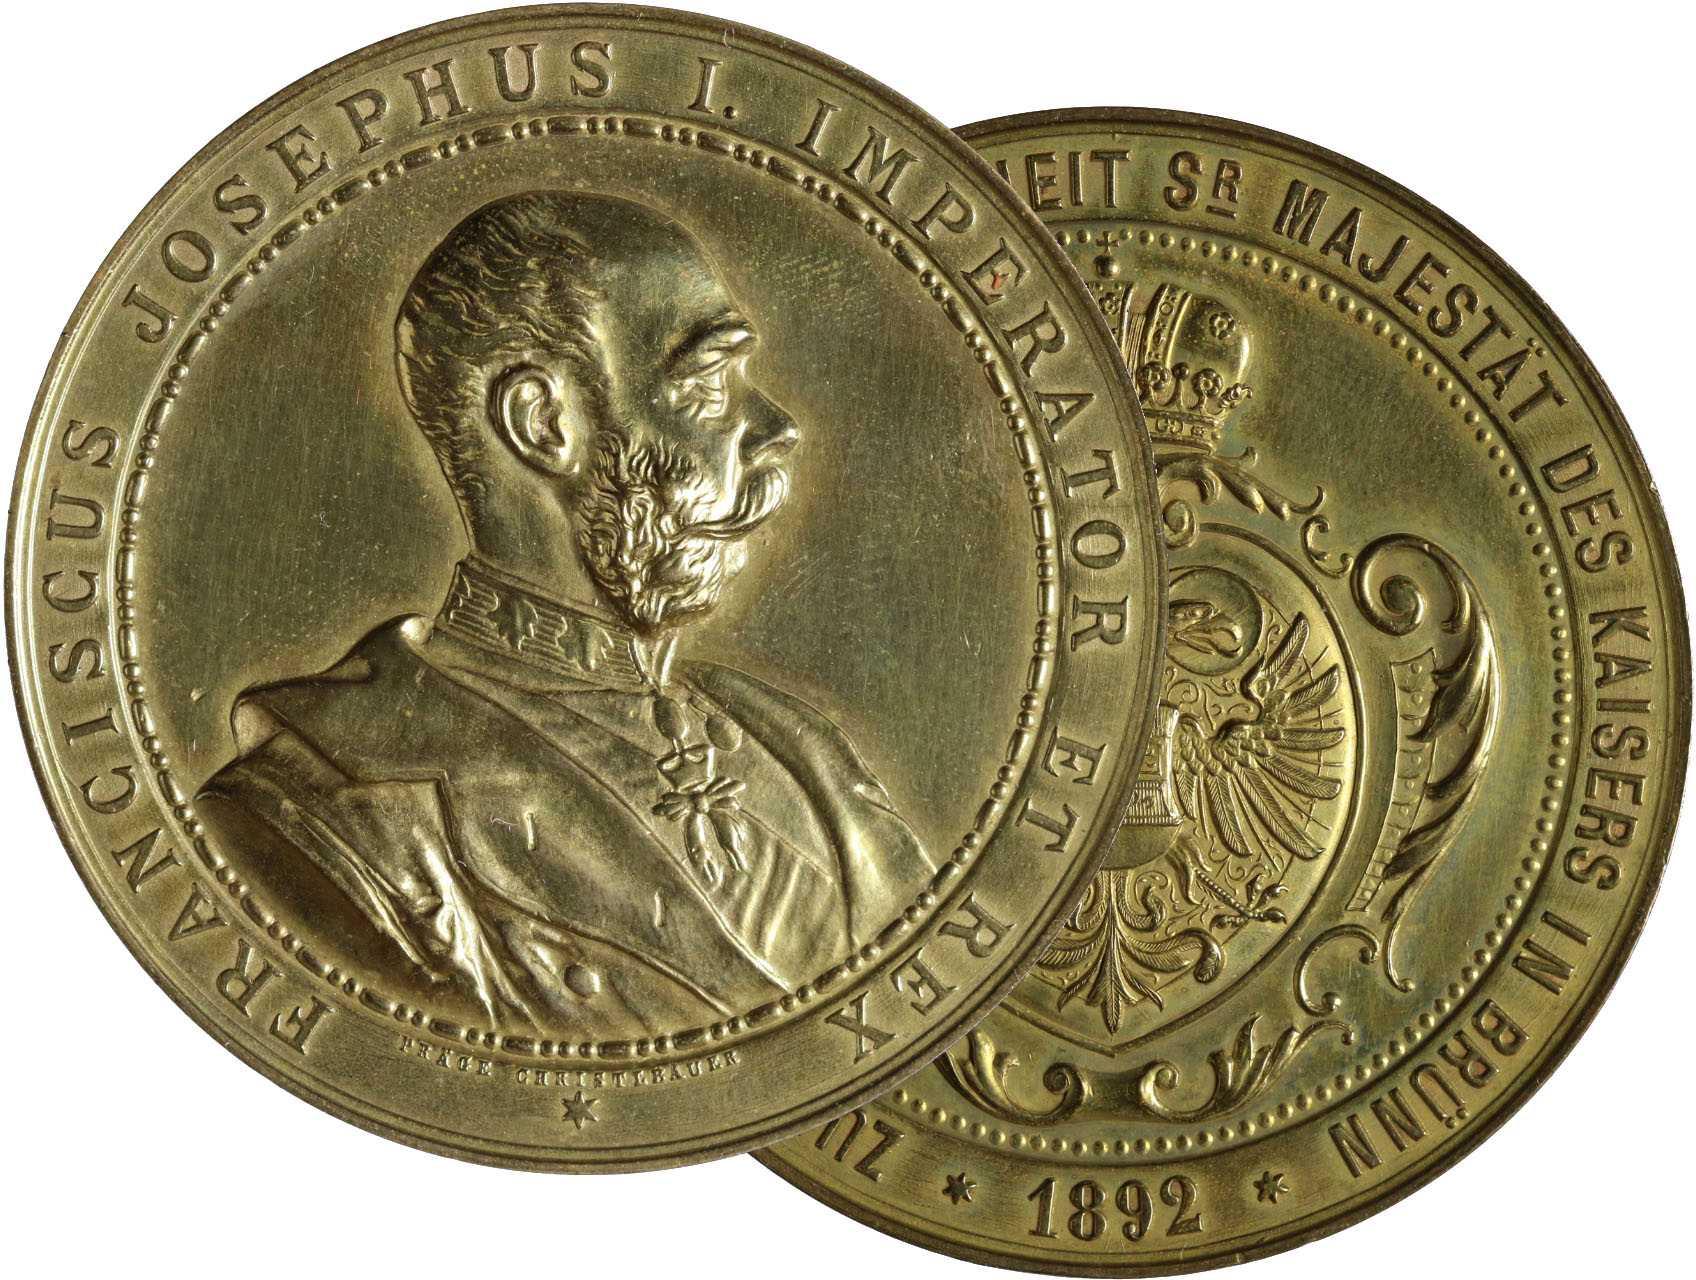 Osobnosti - František Josef I. 1830-1916, AE medaile 1892, na návštěvu Jeho Veličenstva v Brně. Pozl. bronz 43 mm, značeno J. Christlbauer